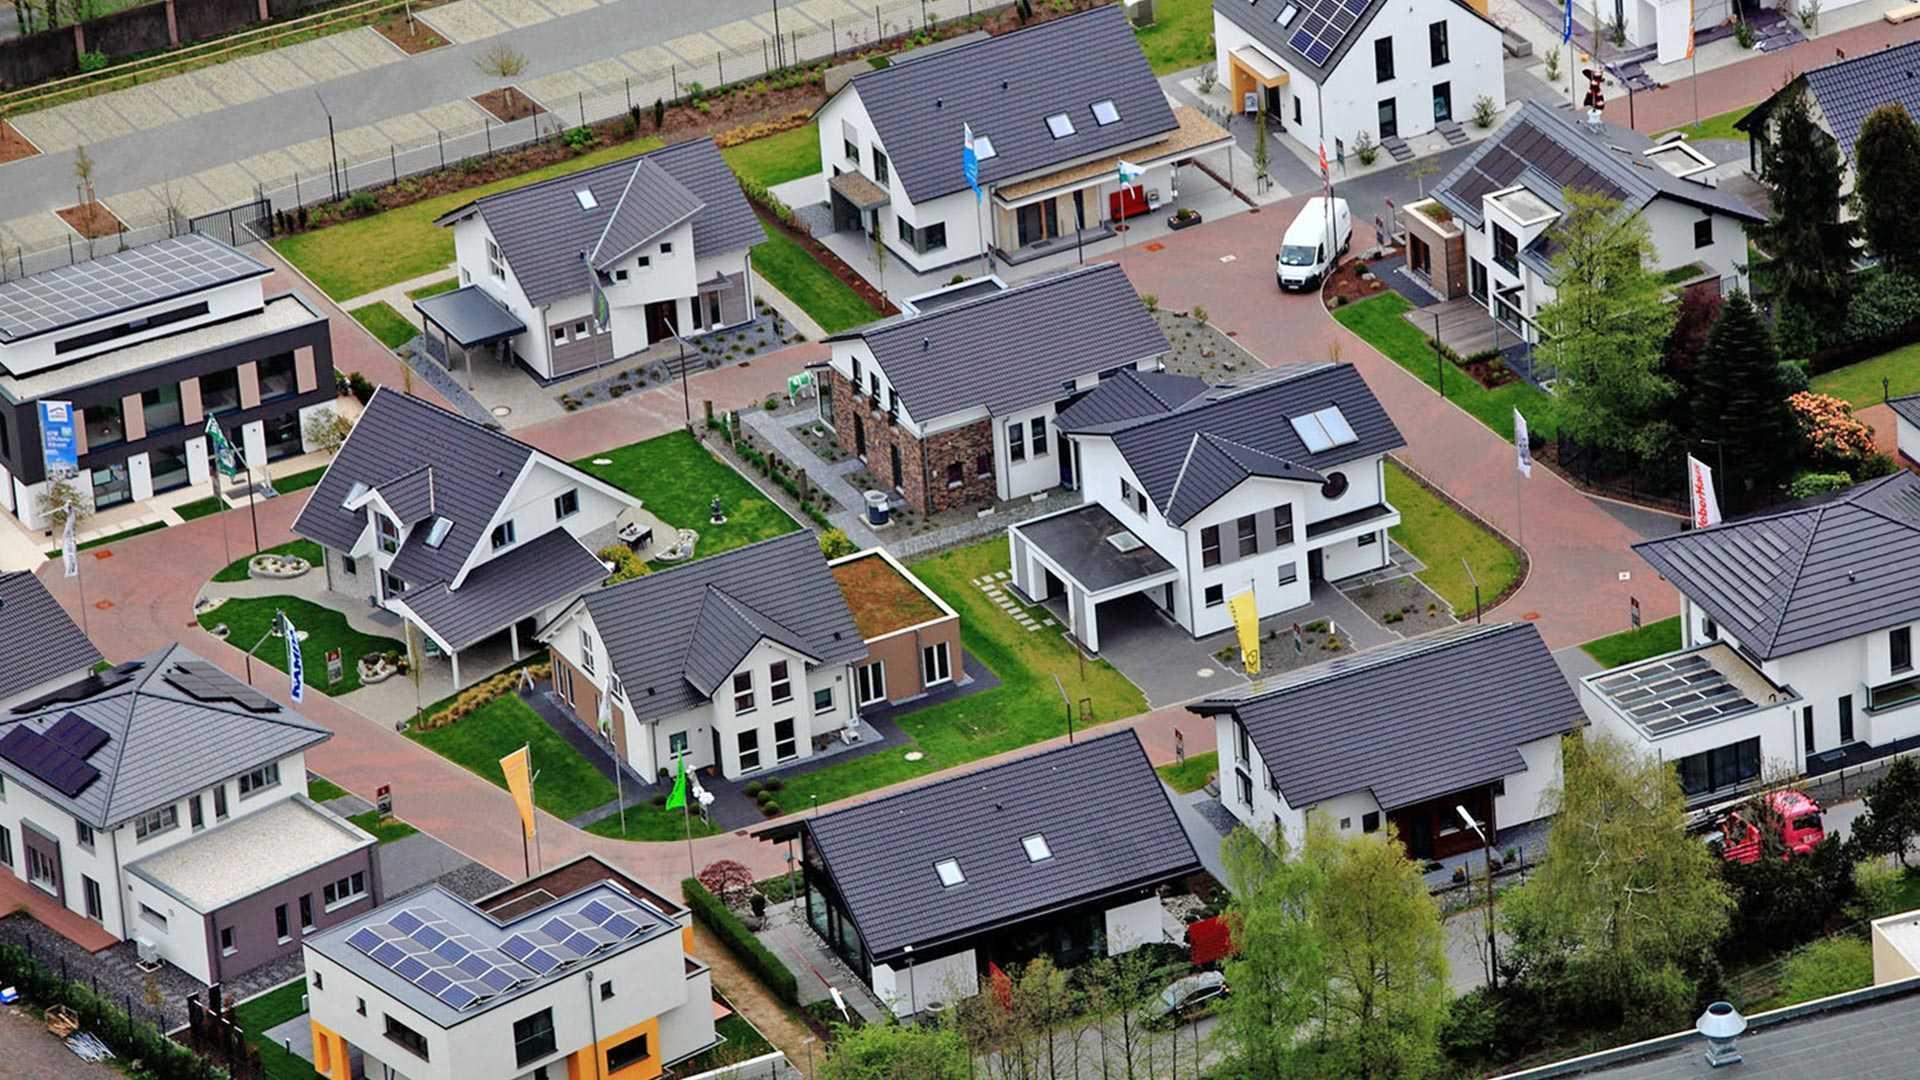 Musterhauspark Wuppertal fertighauswelt wuppertal 19 musterhäuser